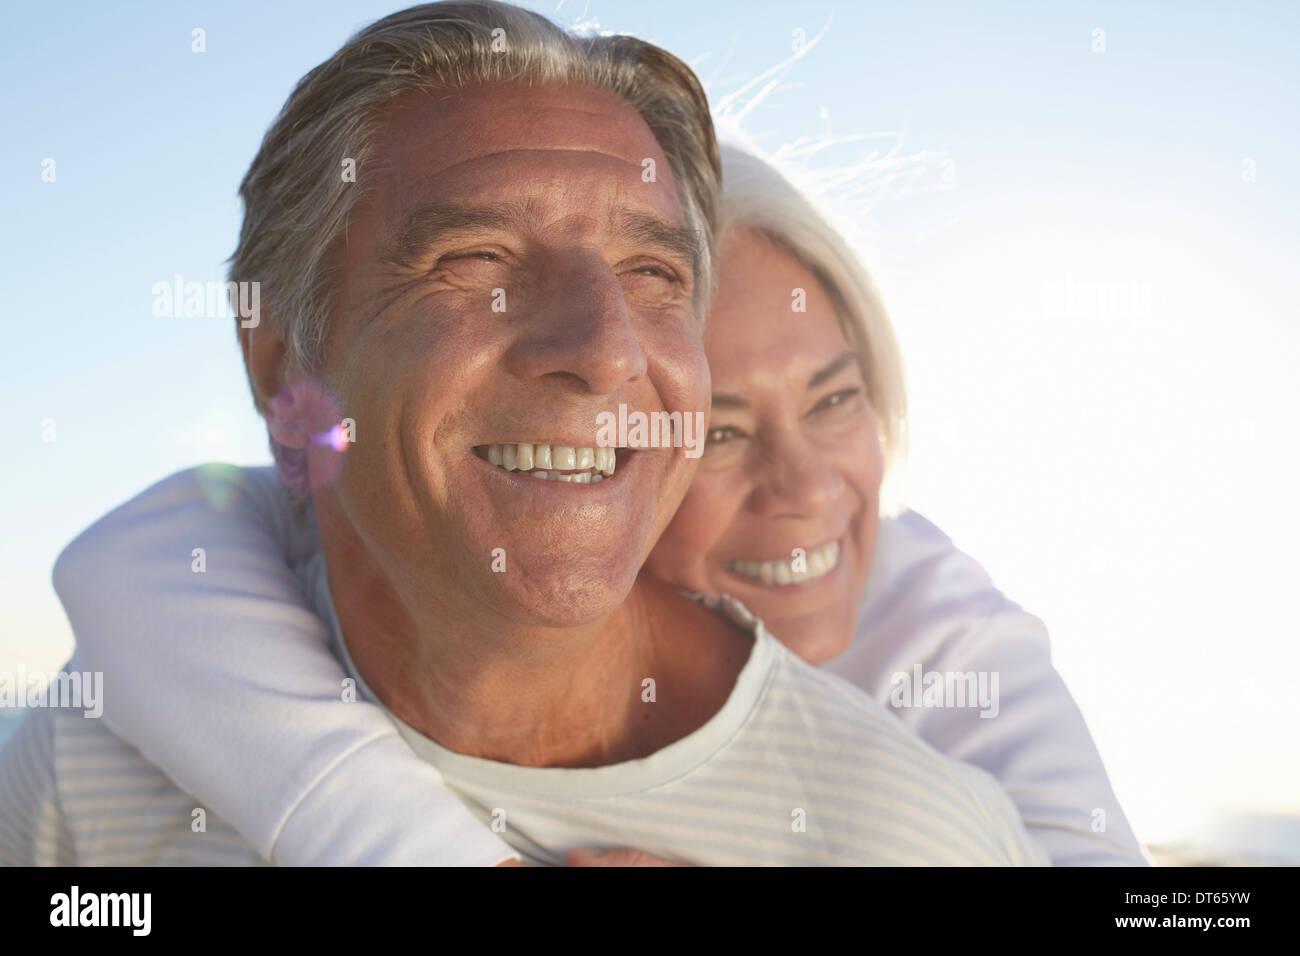 Portrait of happy couple outdoors Photo Stock